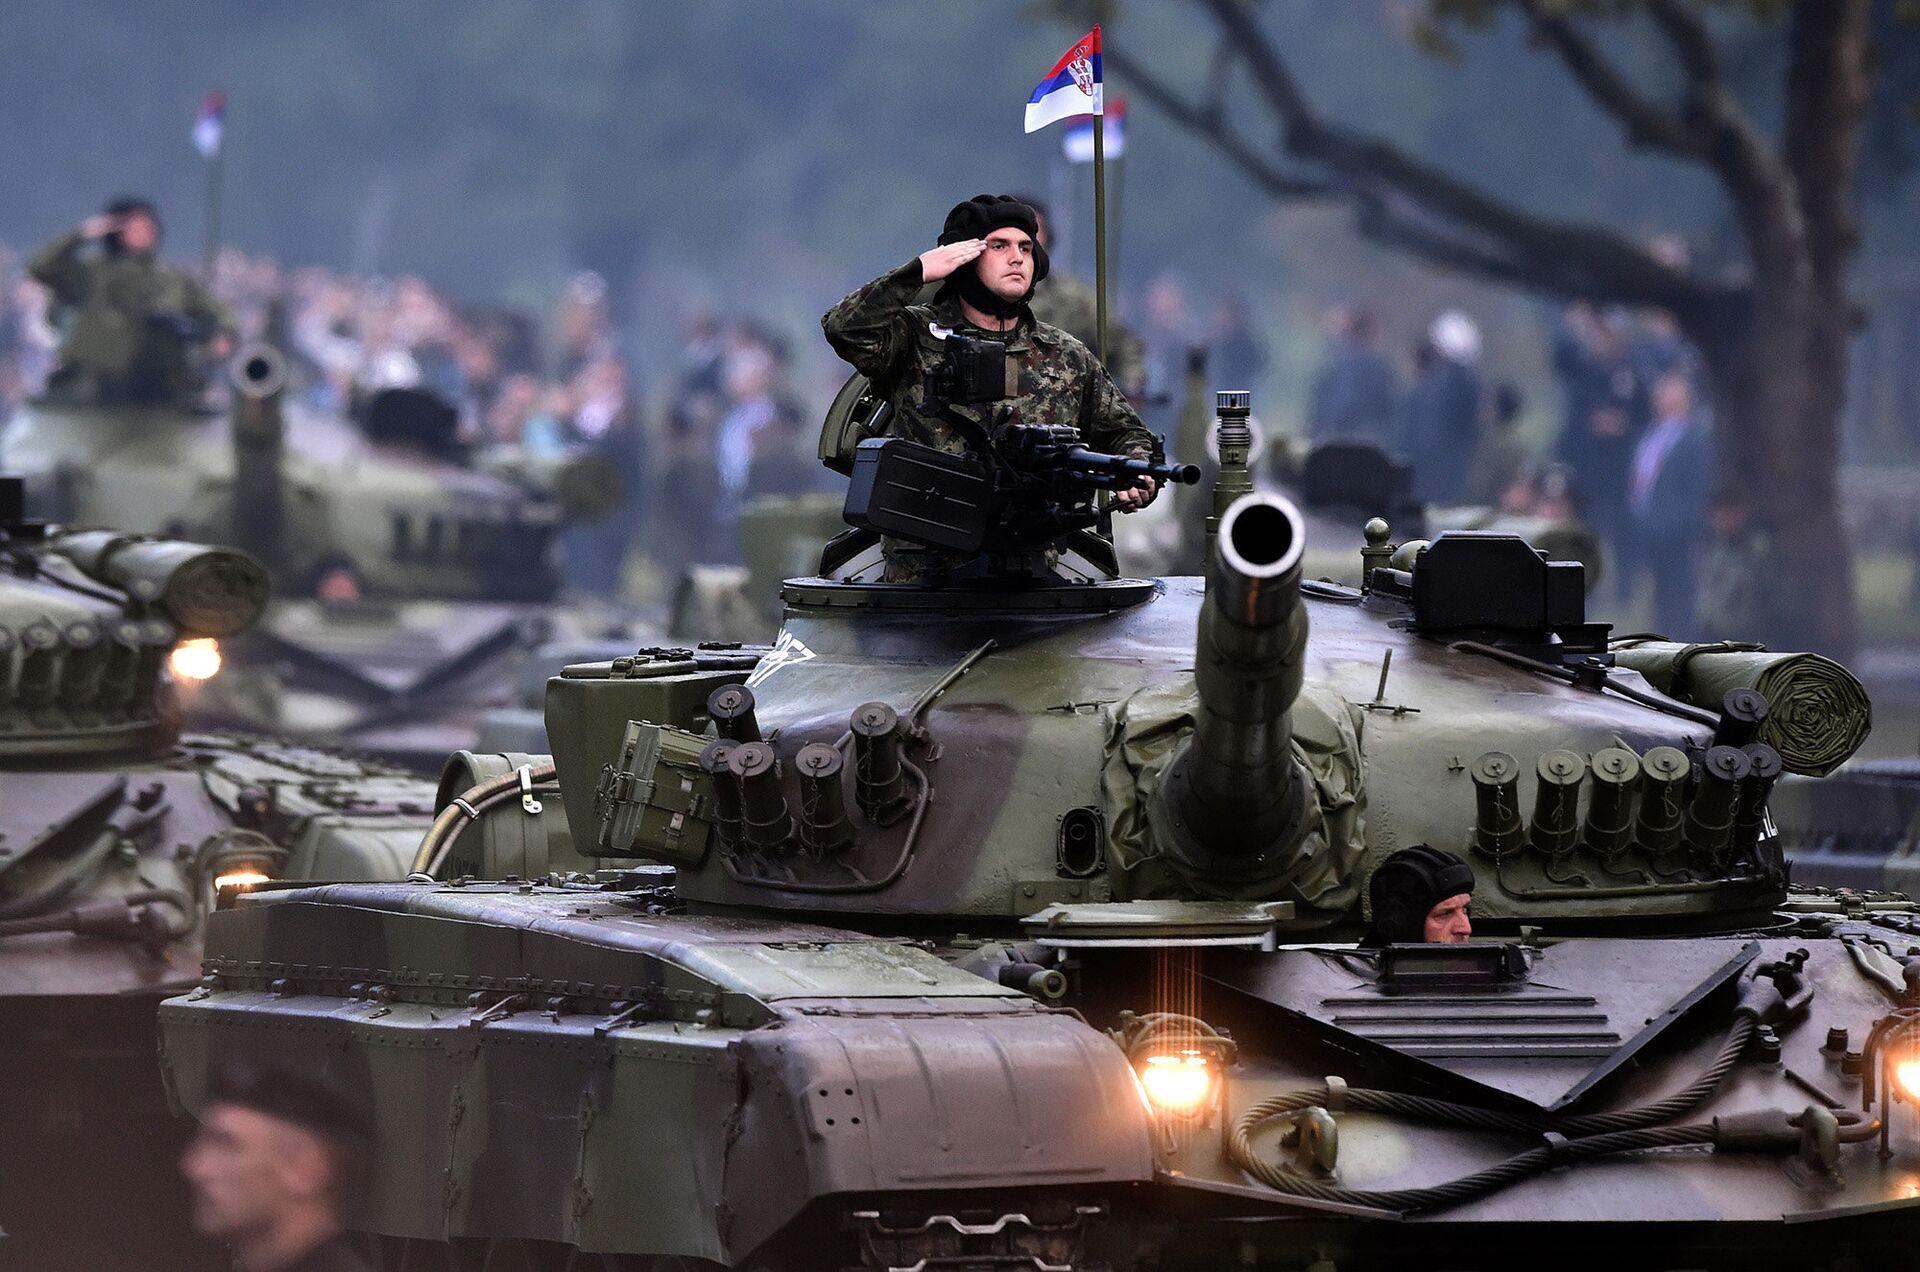 Сербский военнослужащий во время парада в танке M 84A - РИА Новости, 1920, 27.09.2021